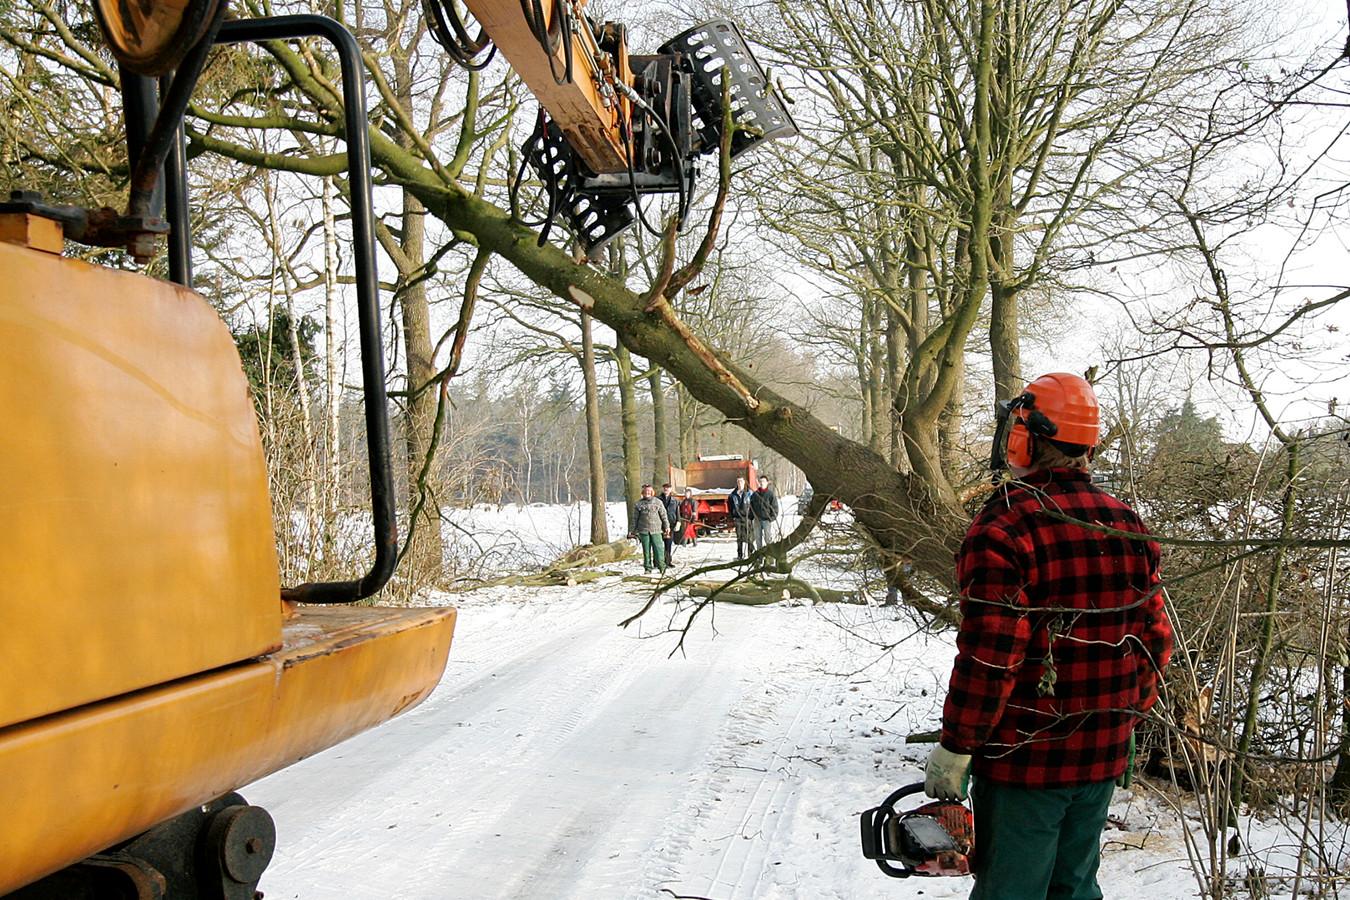 Buurtbewoners van de Dwarsdijk in Laren kapten en snoeiden zelf het groen langs de weg. De gemeente Lochem onderhield de bomen en bosjes niet vanwege bezuinigingen . Archieffoto Jan Houwers